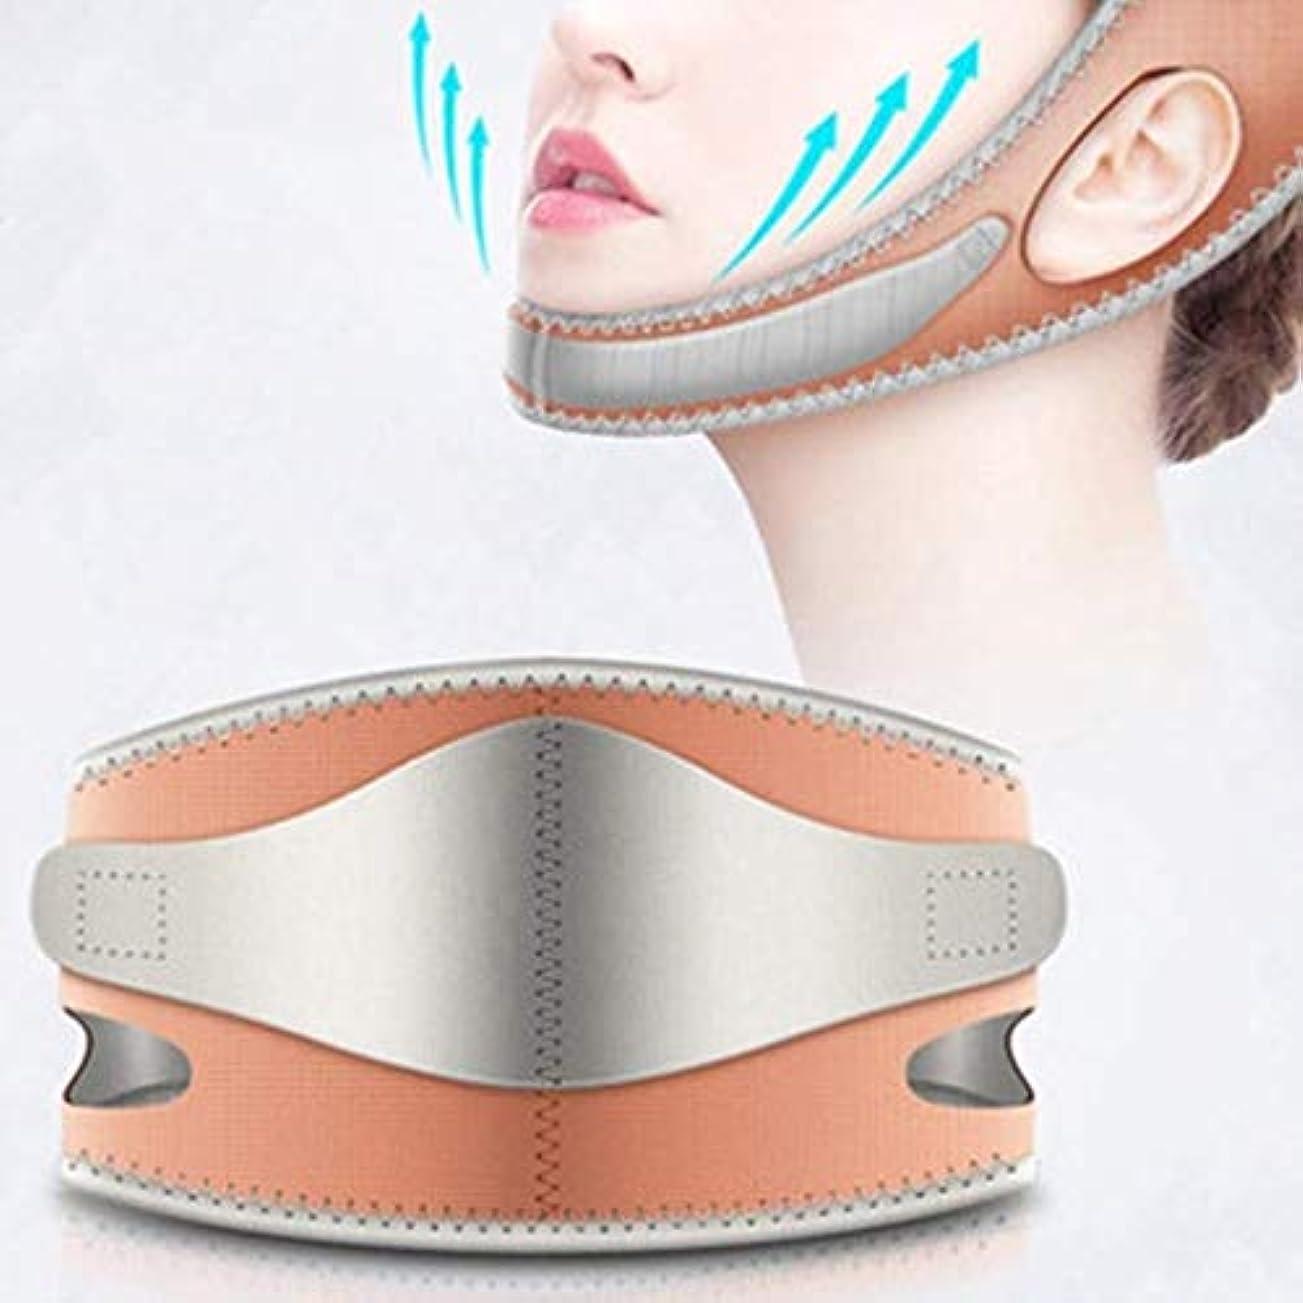 ローブクリーナー経済フェイスリフティング痩身Vフェイスマスクフルカバレッジ包帯減らす顔の二重あごケア減量美容ベルト通気性